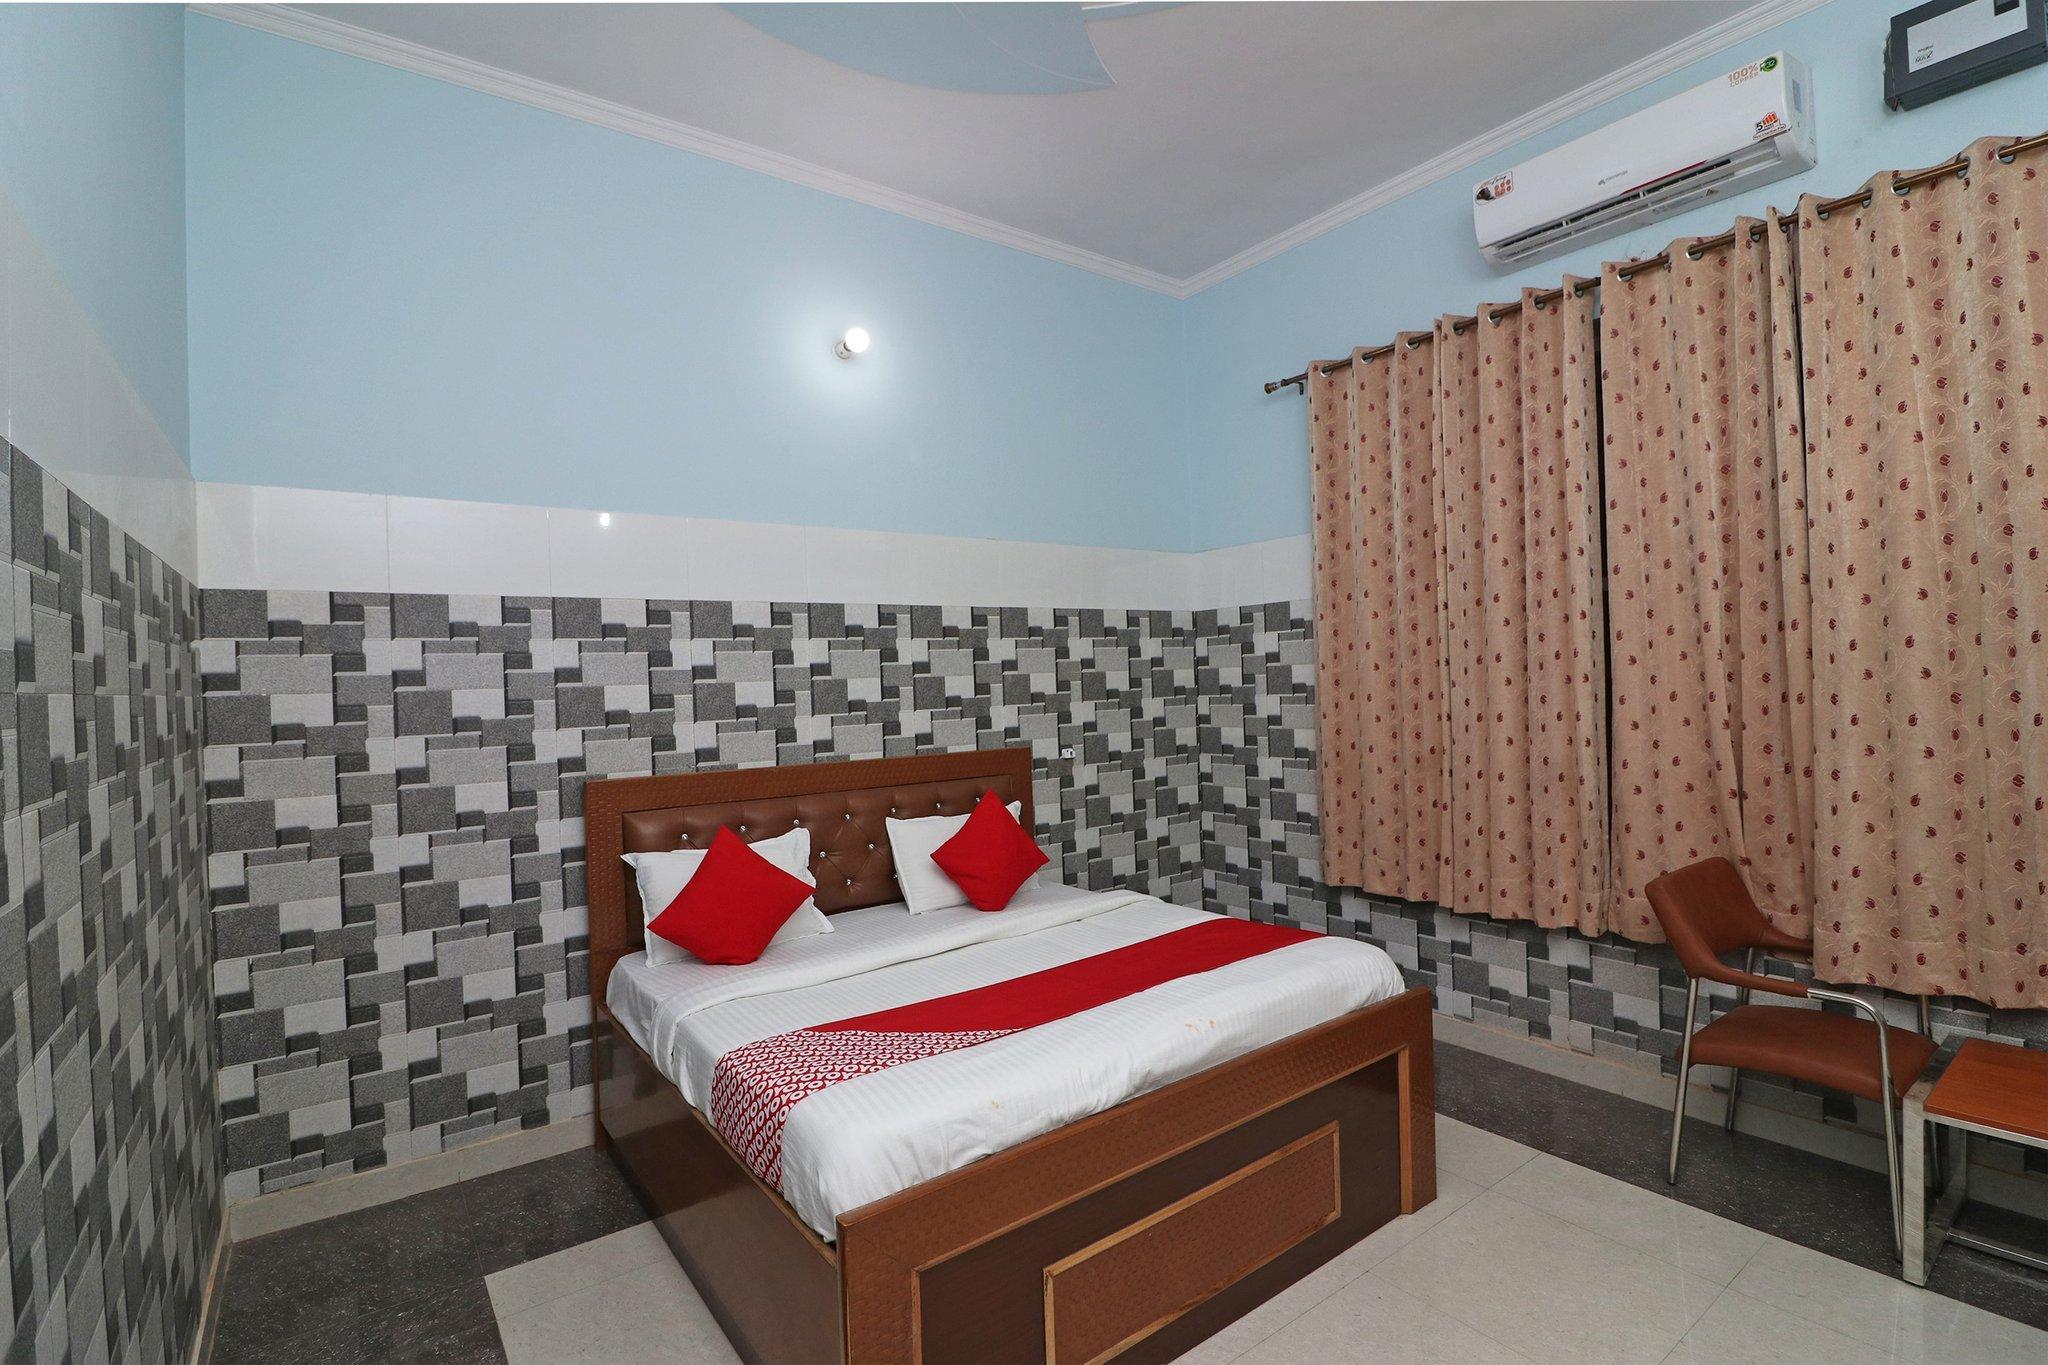 OYO 36440 Hotel Rajshree, Sonipat